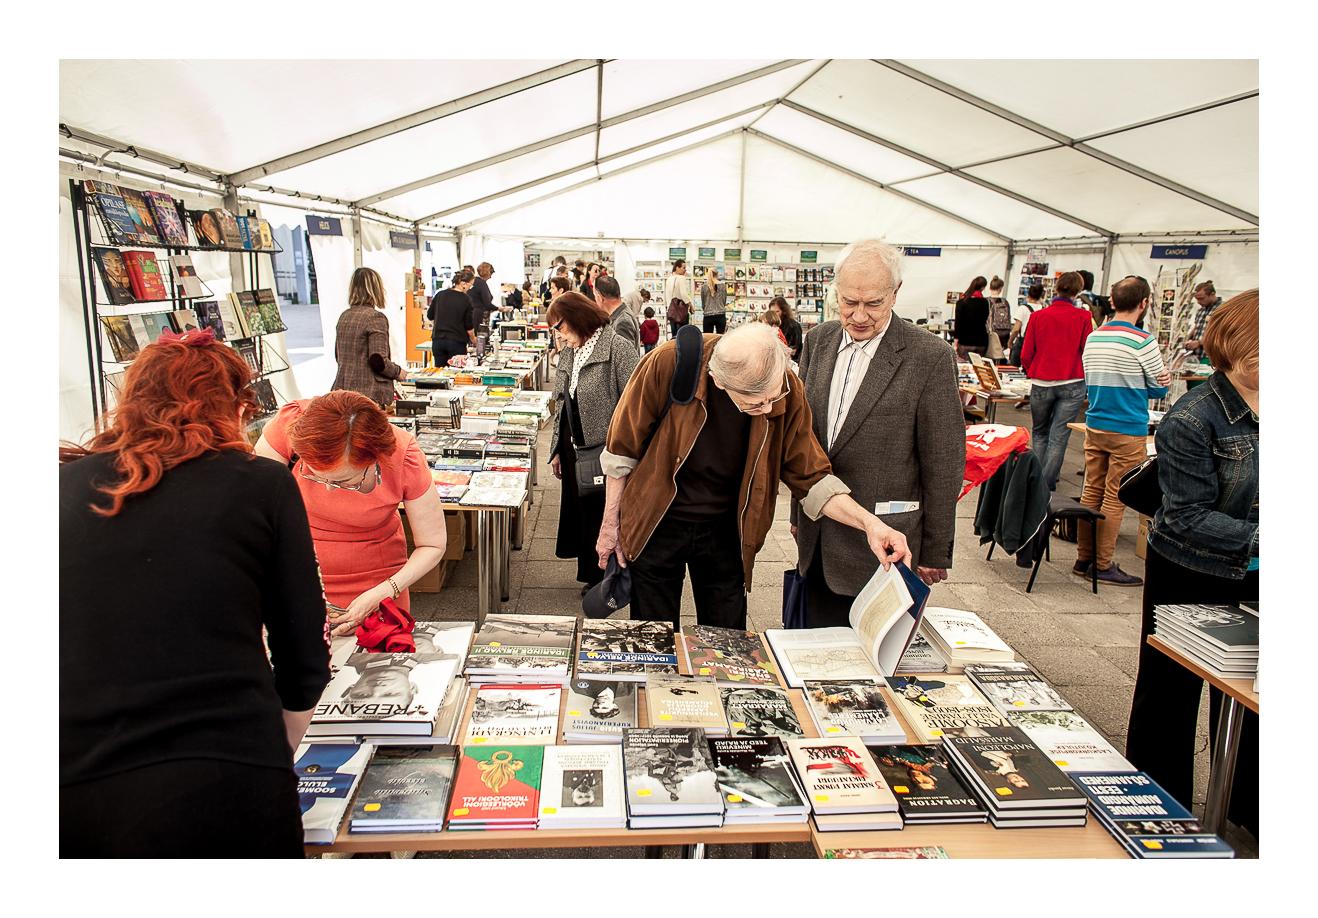 Raamatulaat Prima Vistal. Foto: Heikki Leis